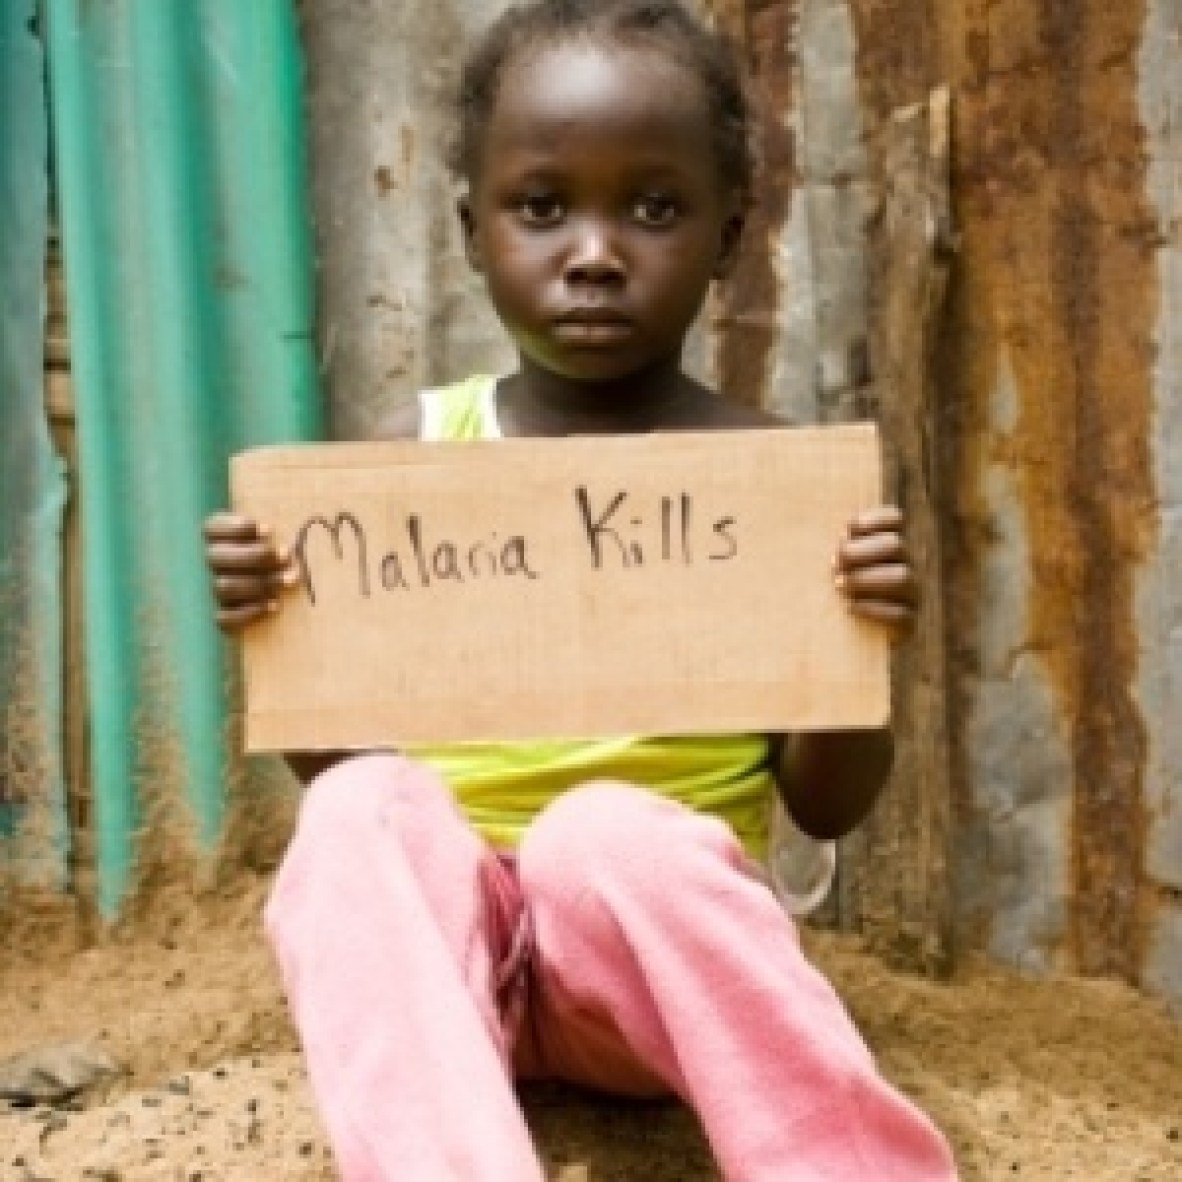 malaria kills